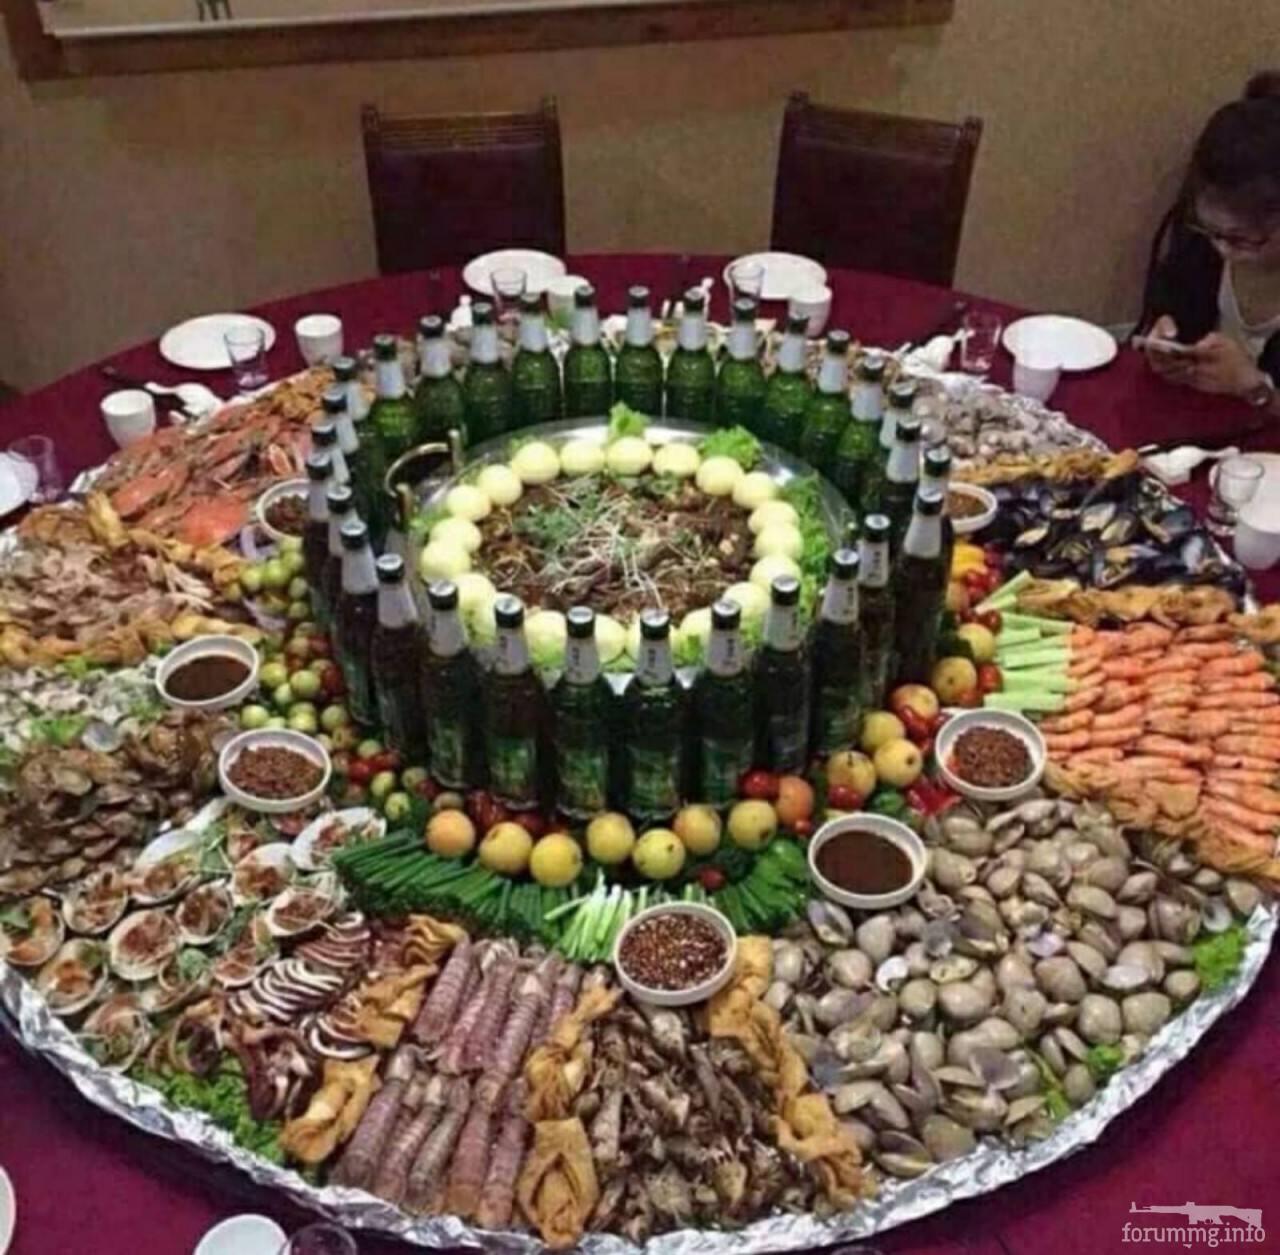 116184 - Закуски на огне (мангал, барбекю и т.д.) и кулинария вообще. Советы и рецепты.